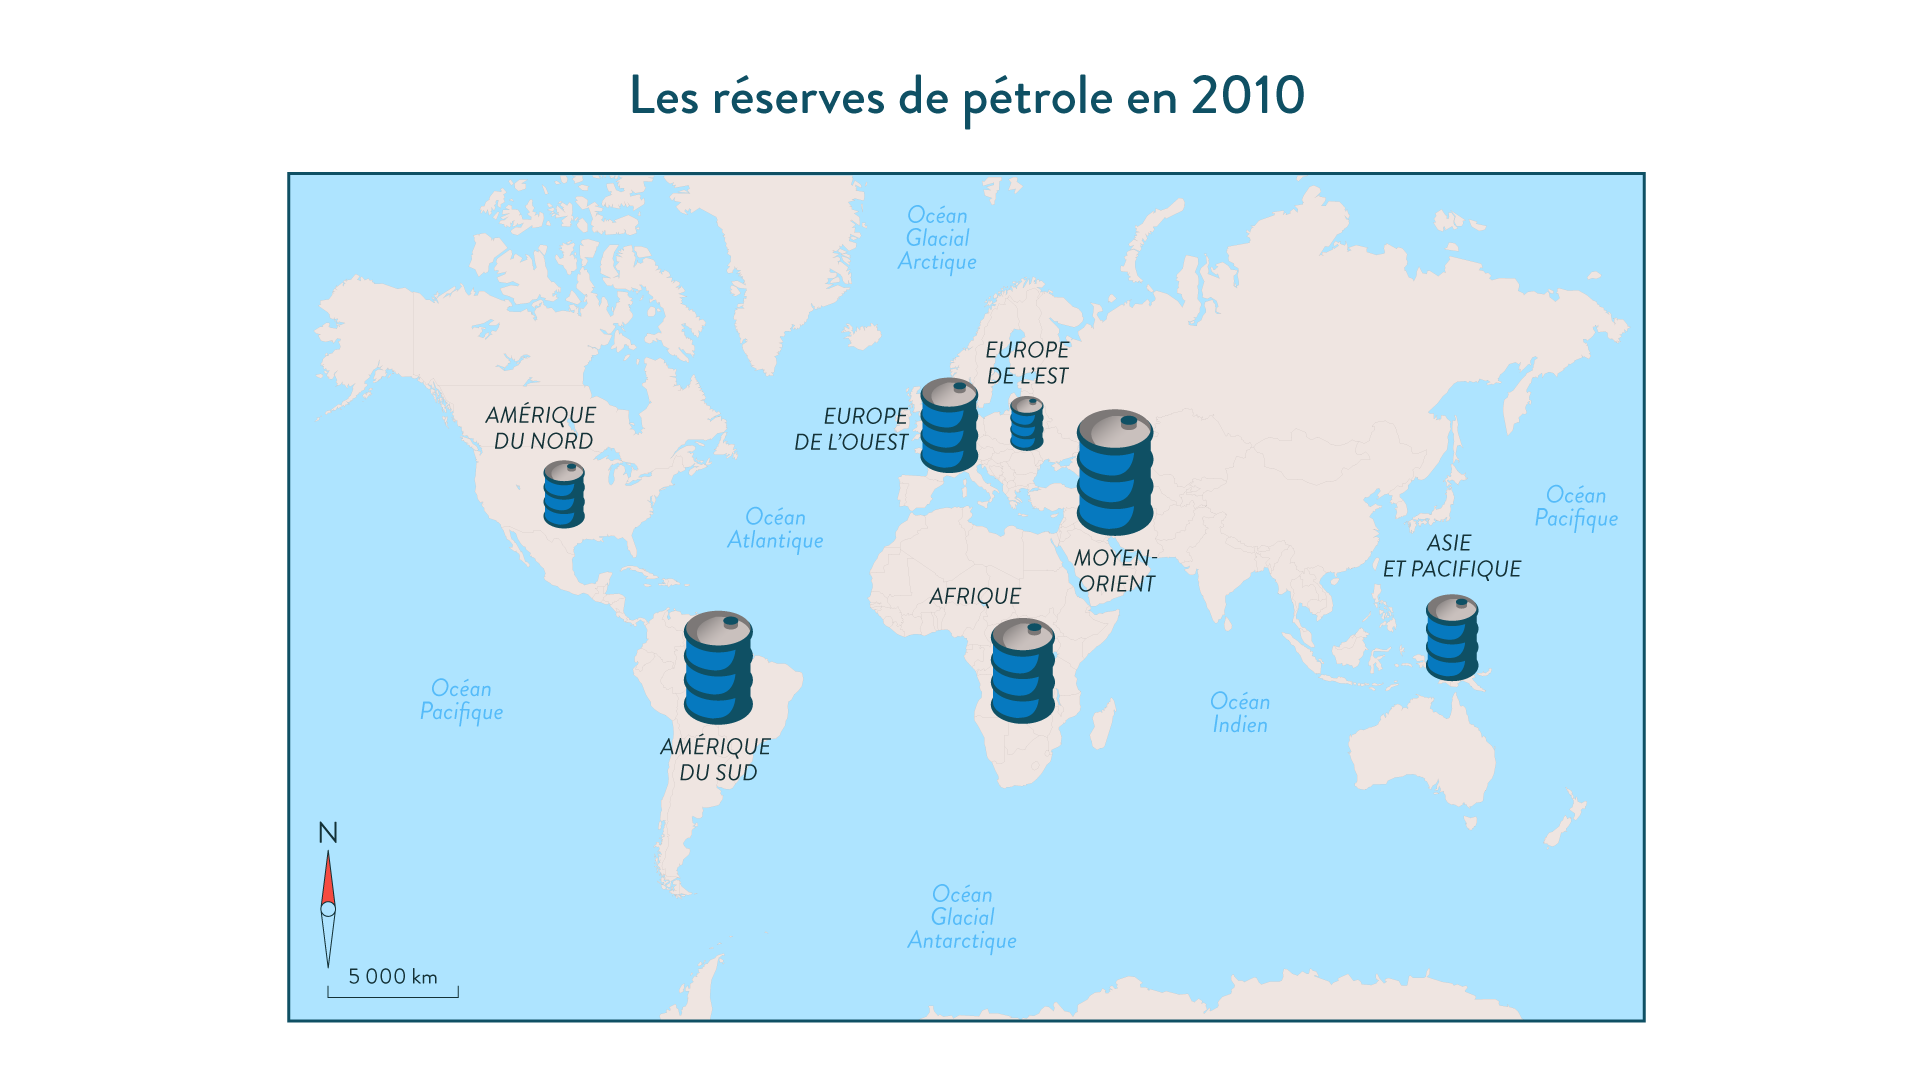 Les réserves prouvées de pétrole en 2010 géographie cinquième